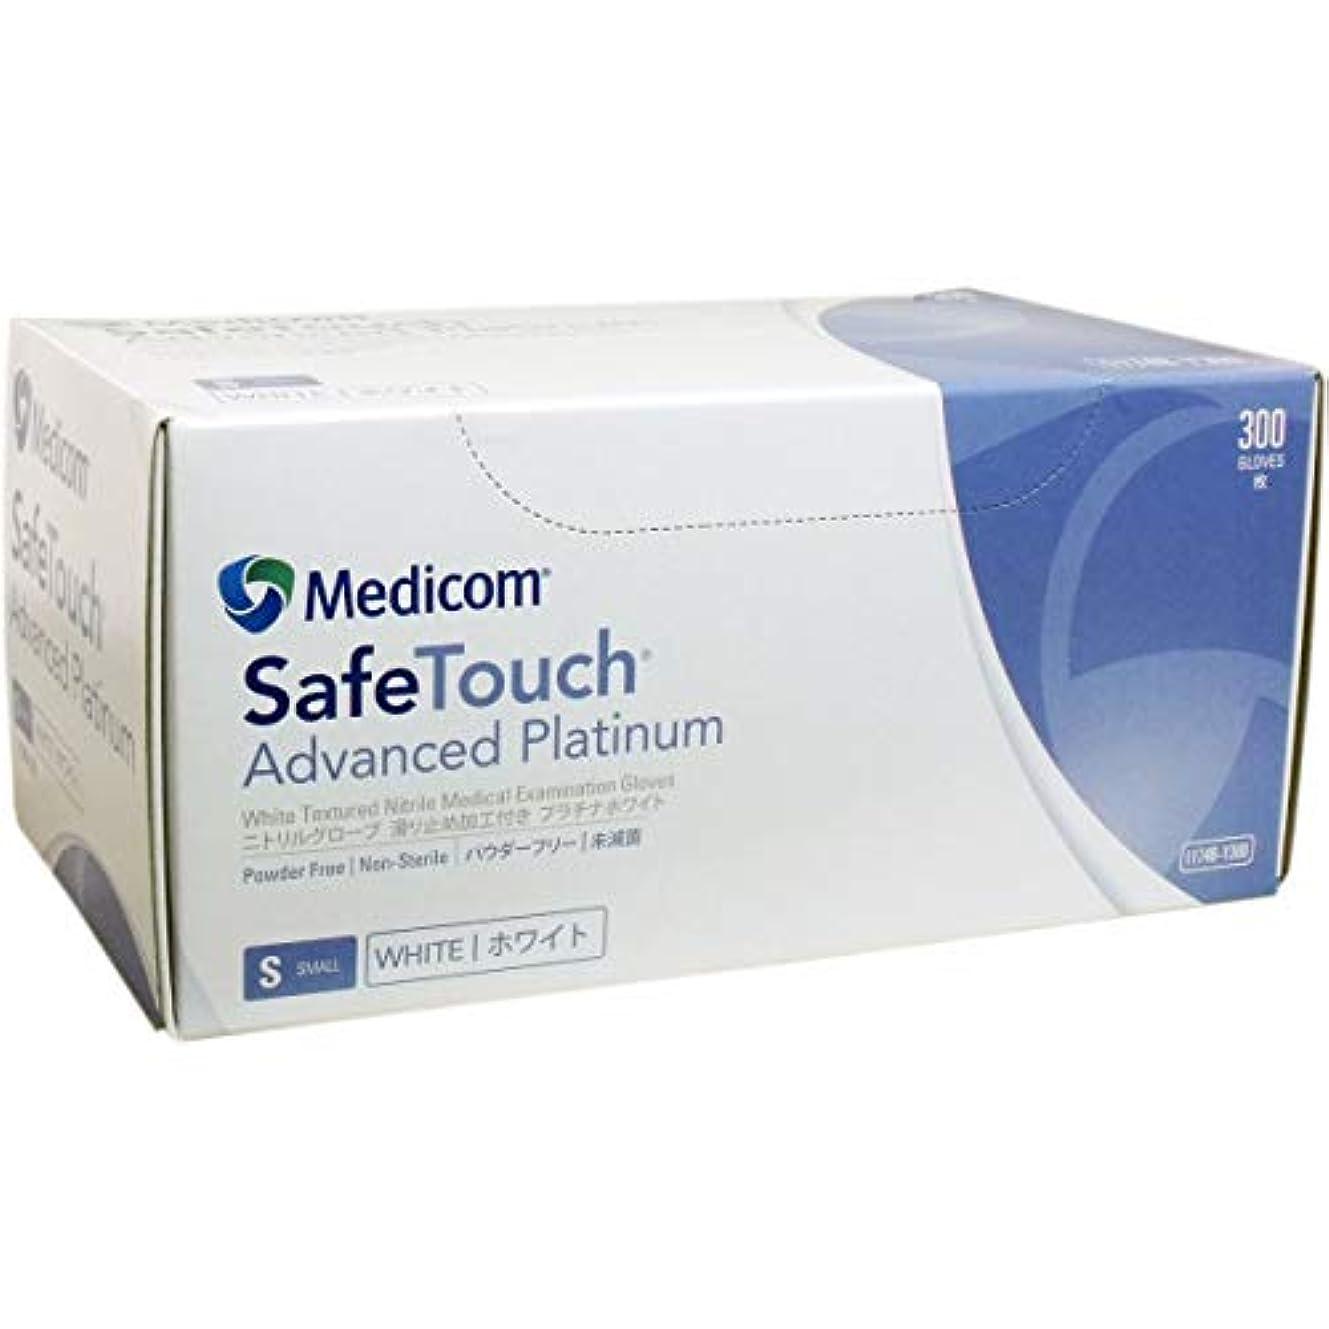 差別する細菌計り知れないセーフタッチ ニトリル手袋 パウダーフリー ホワイト Sサイズ 300枚入×5個セット(管理番号 4894476002790)